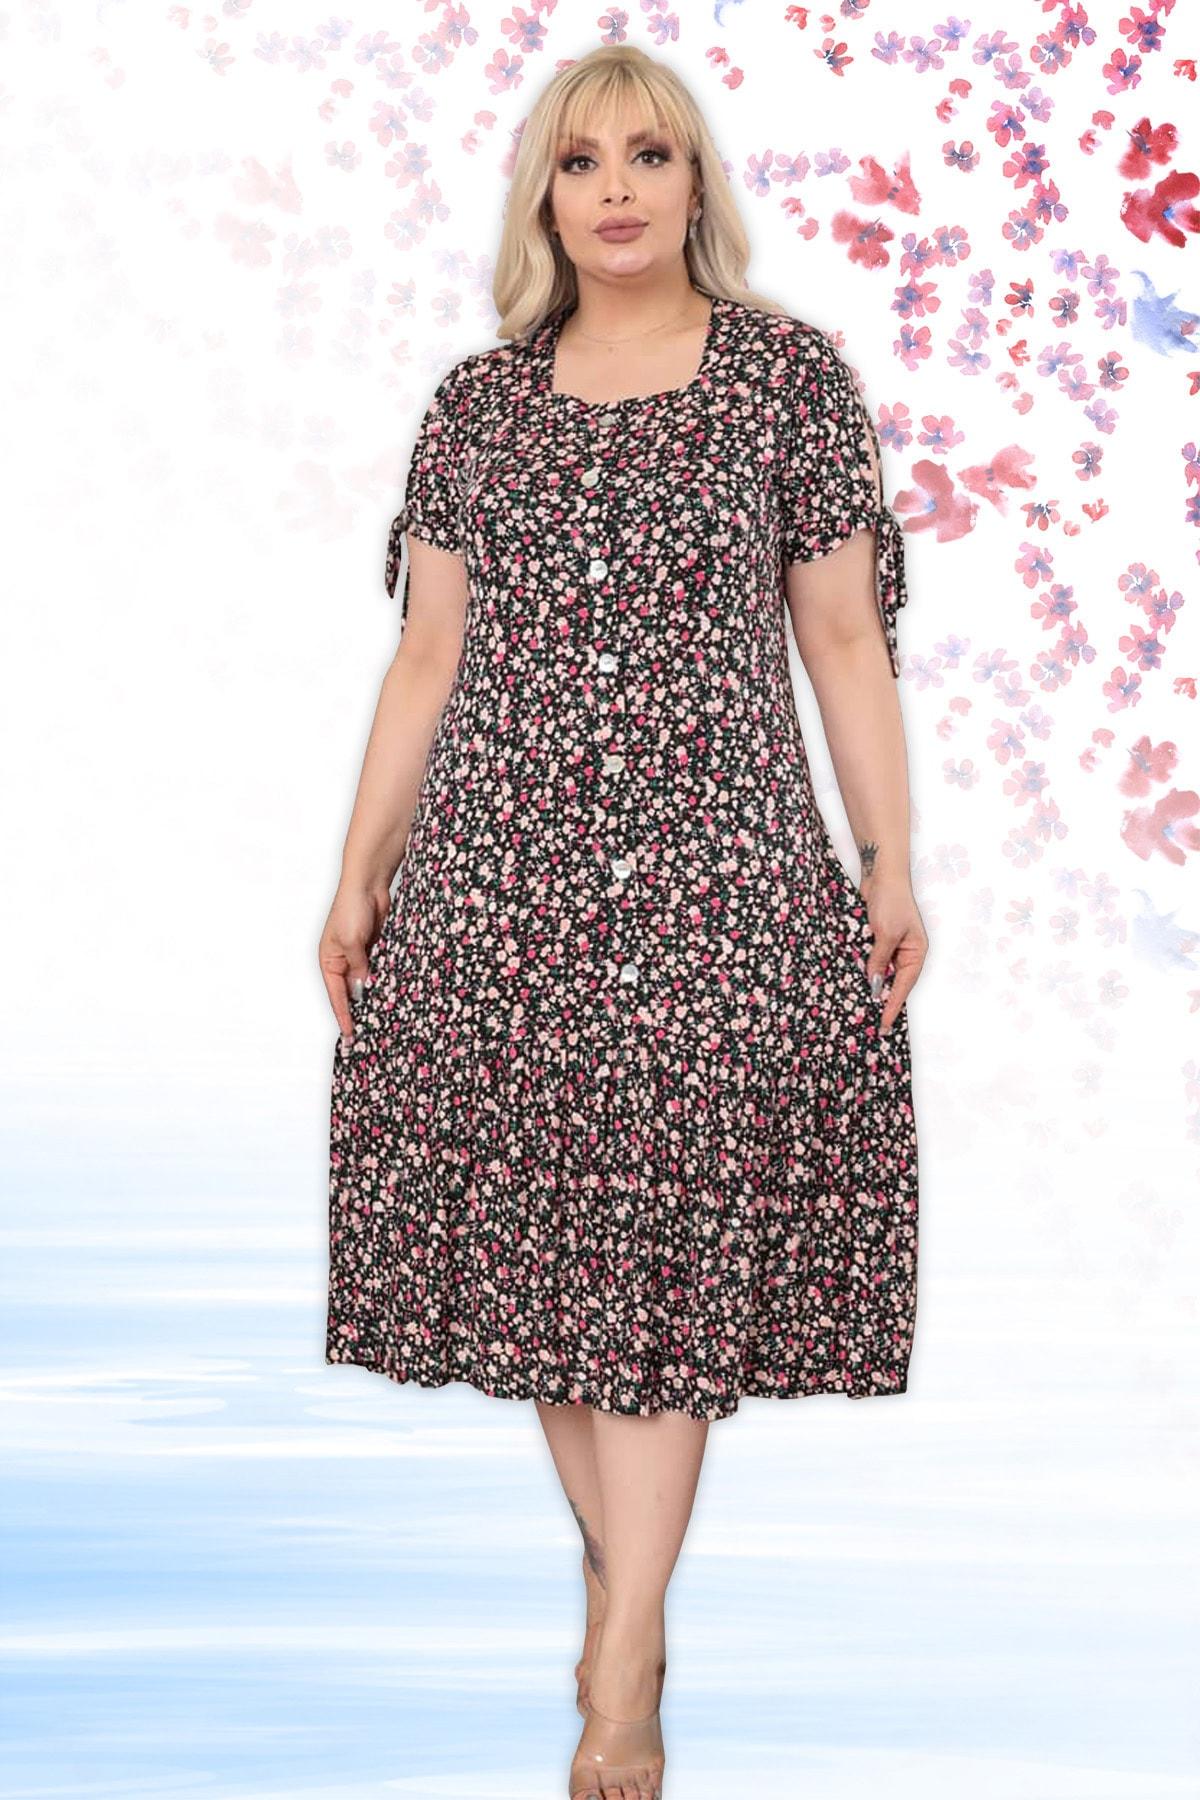 Kadın Siyah Önden Düğmeli Ve Çiçek Desenli Viskon Likralı Kısa Kollu Elbise